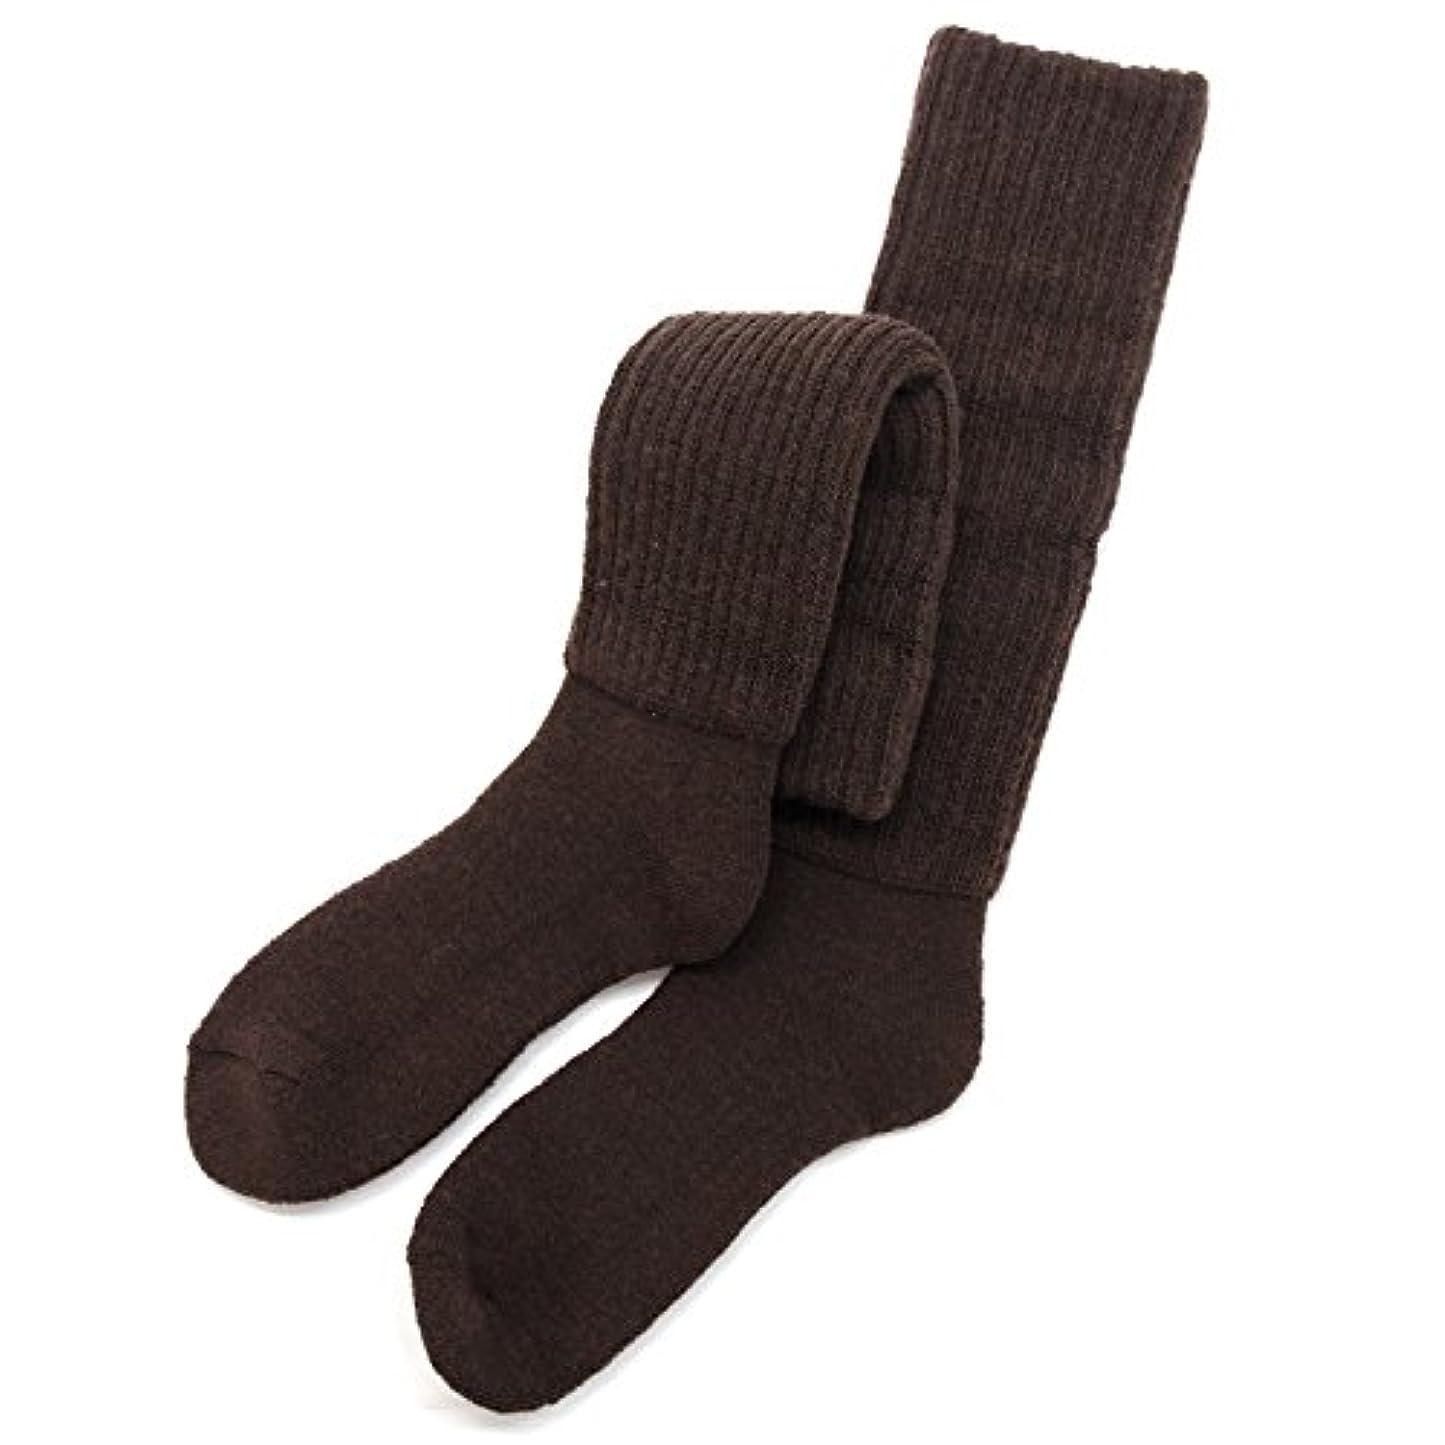 砦学校の先生表現hiorie(ヒオリエ) 日本製 冷えとり靴下 あったか 2重編み靴下 ハイソックス <Lサイズ>